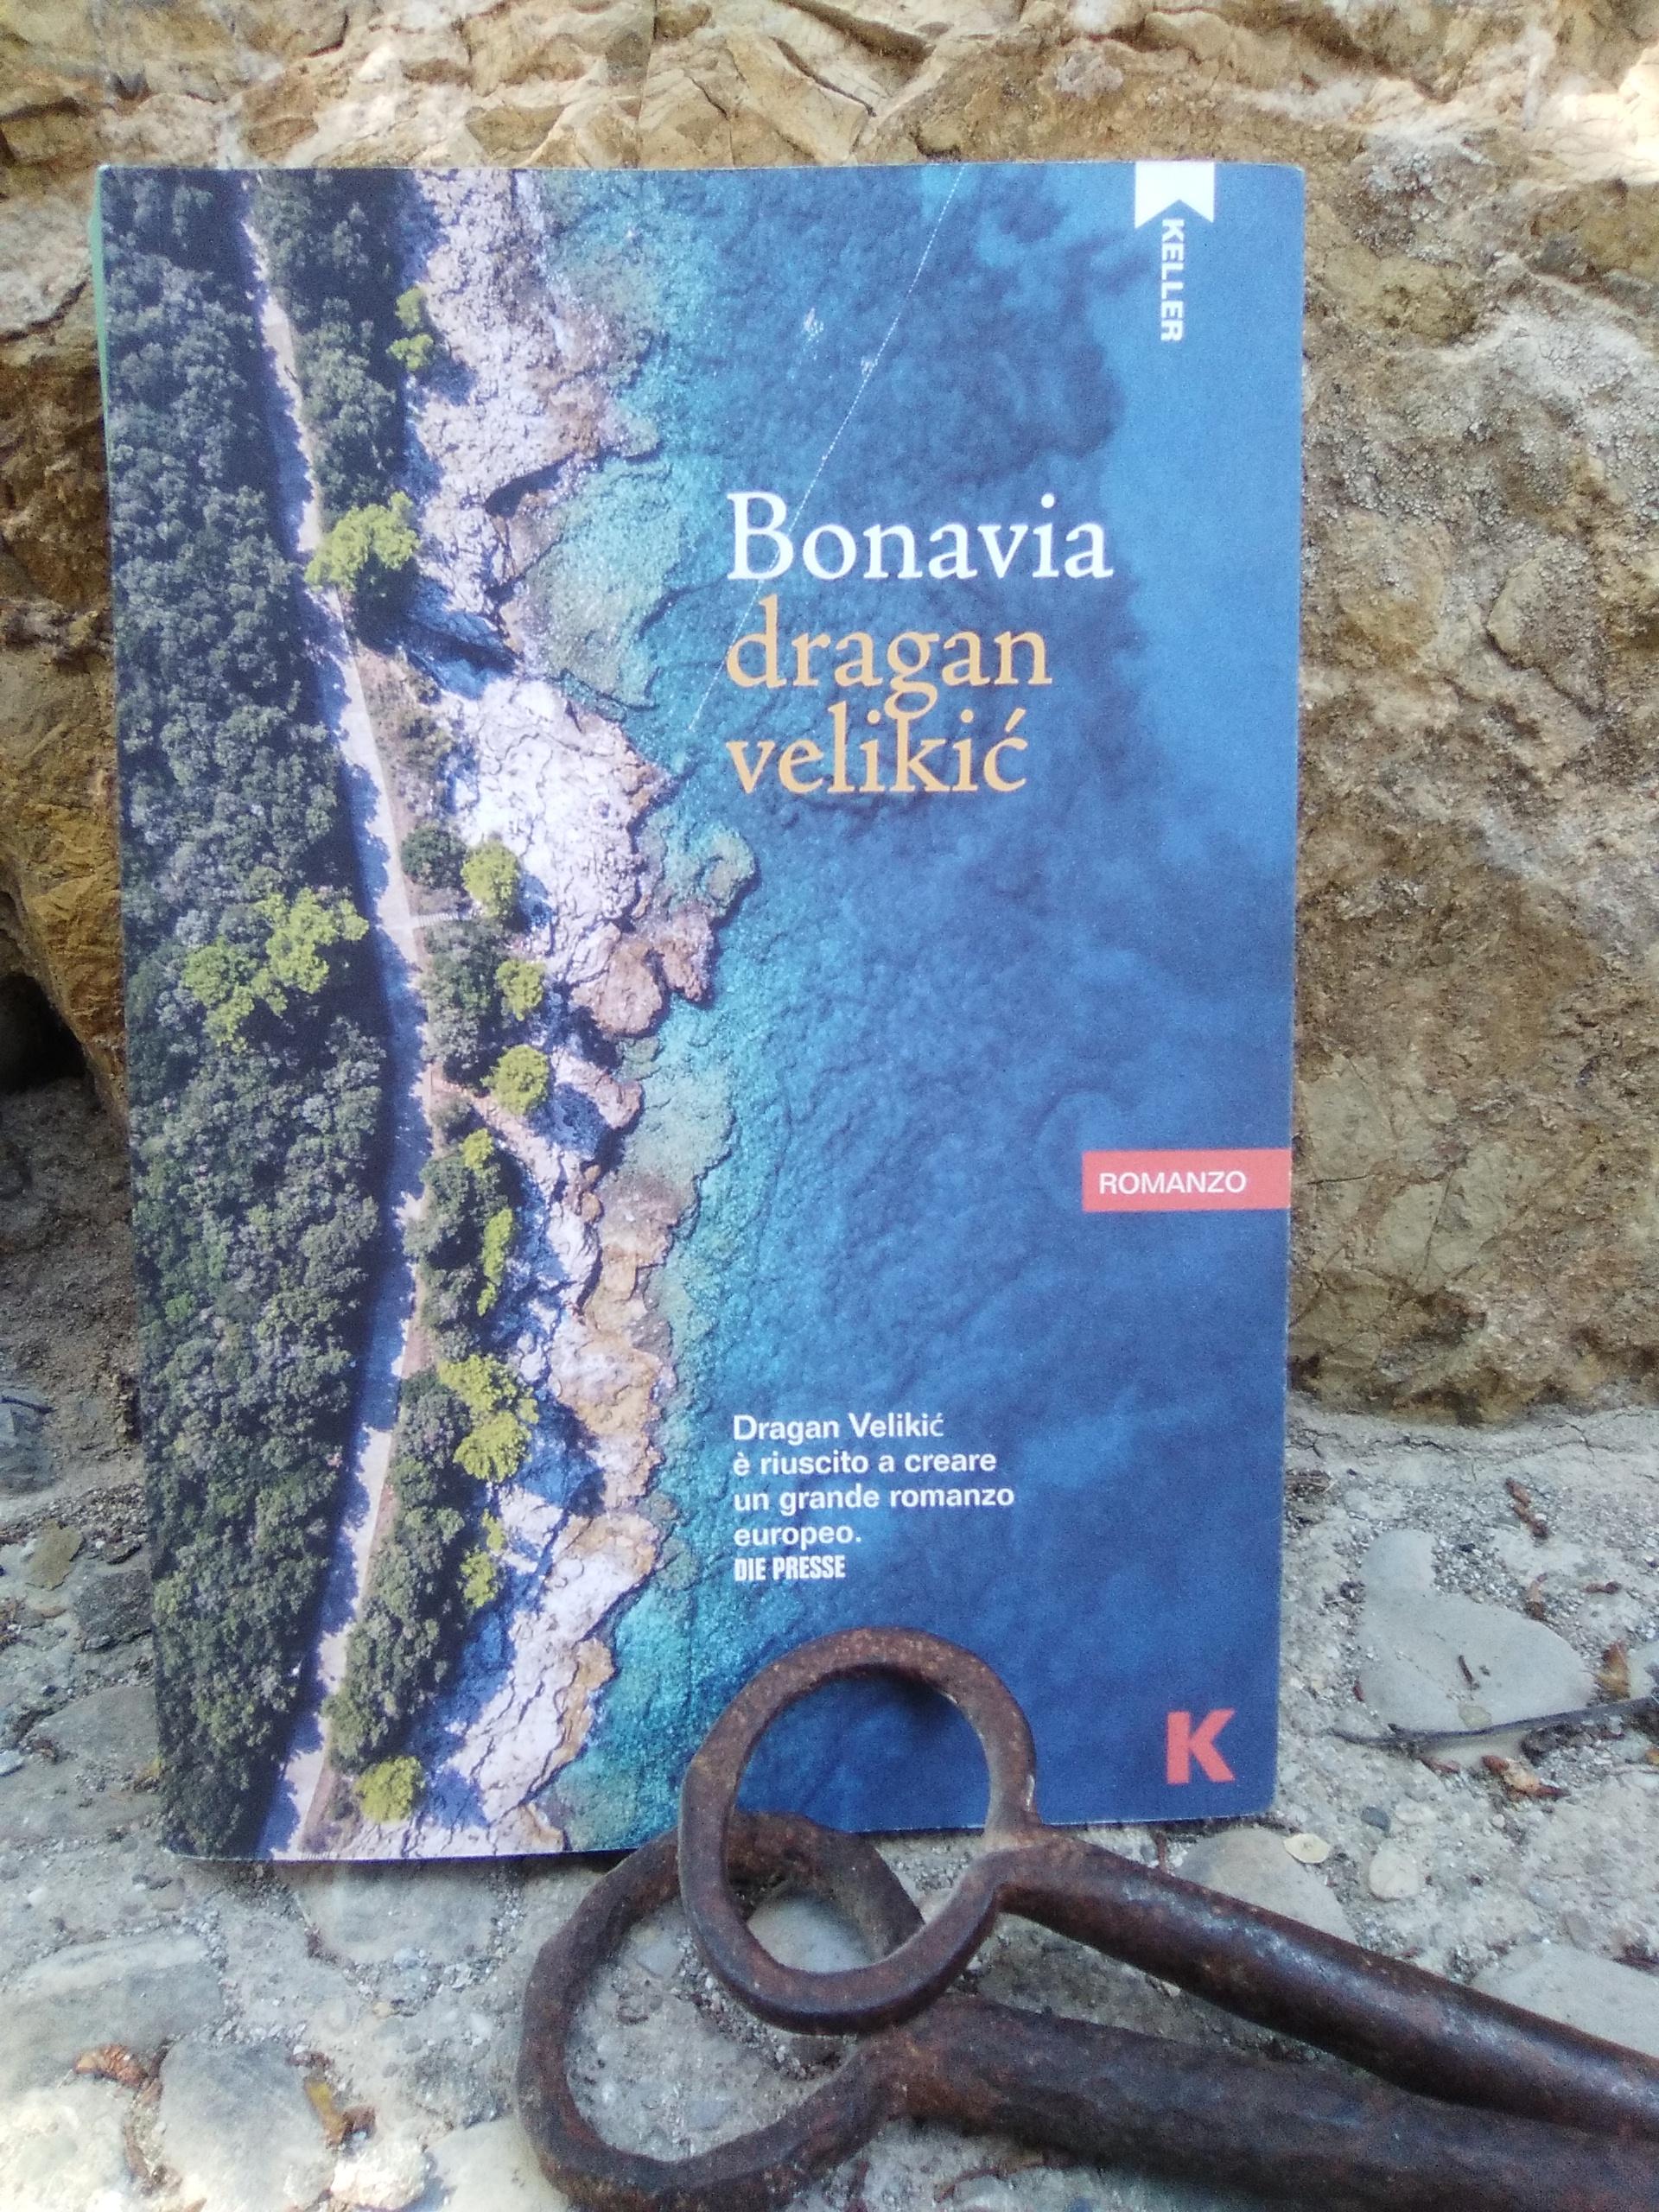 Velikic Bonavia